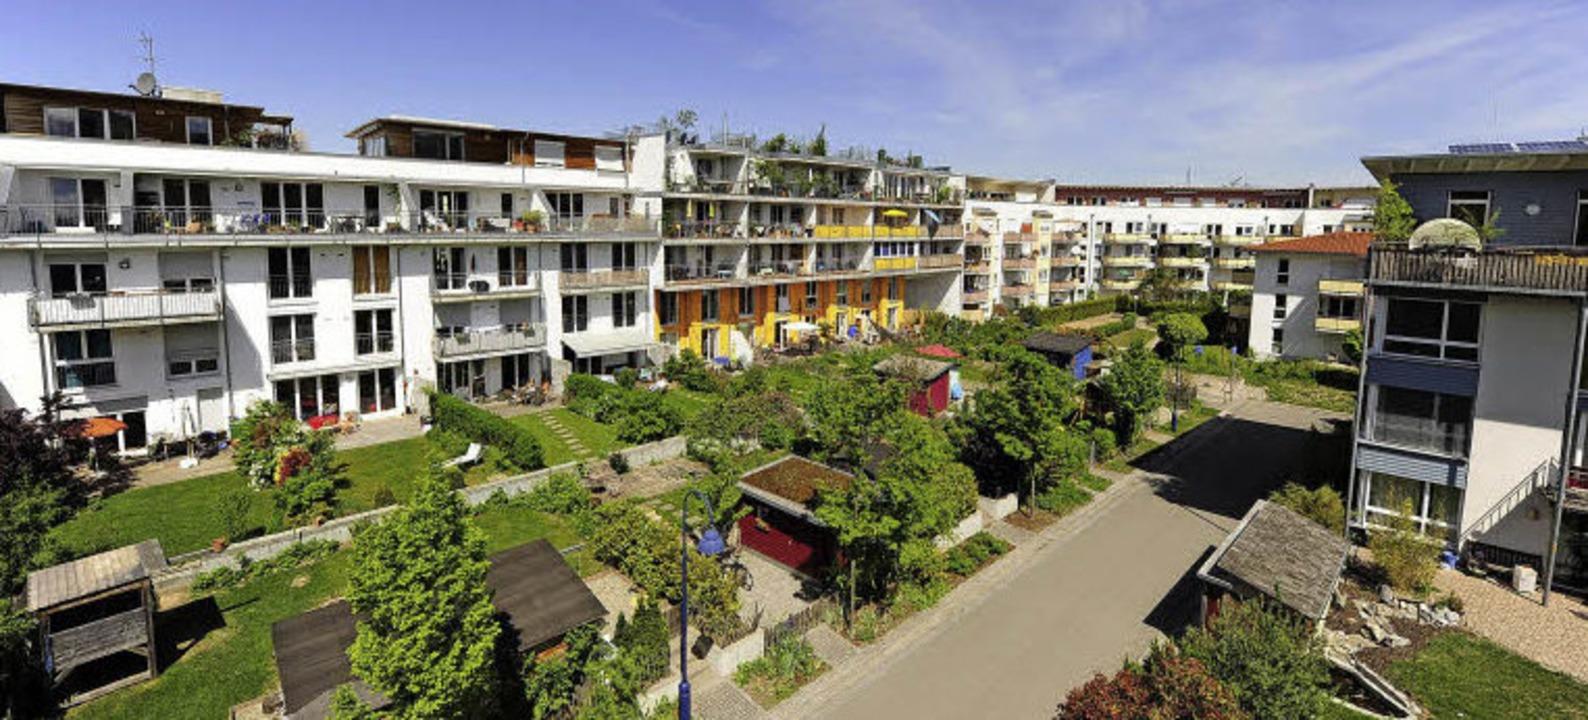 Viel Grün und autoreduziert: der Freiburger Vorzeigestadtteil Vauban  | Foto: Ingo Schneider